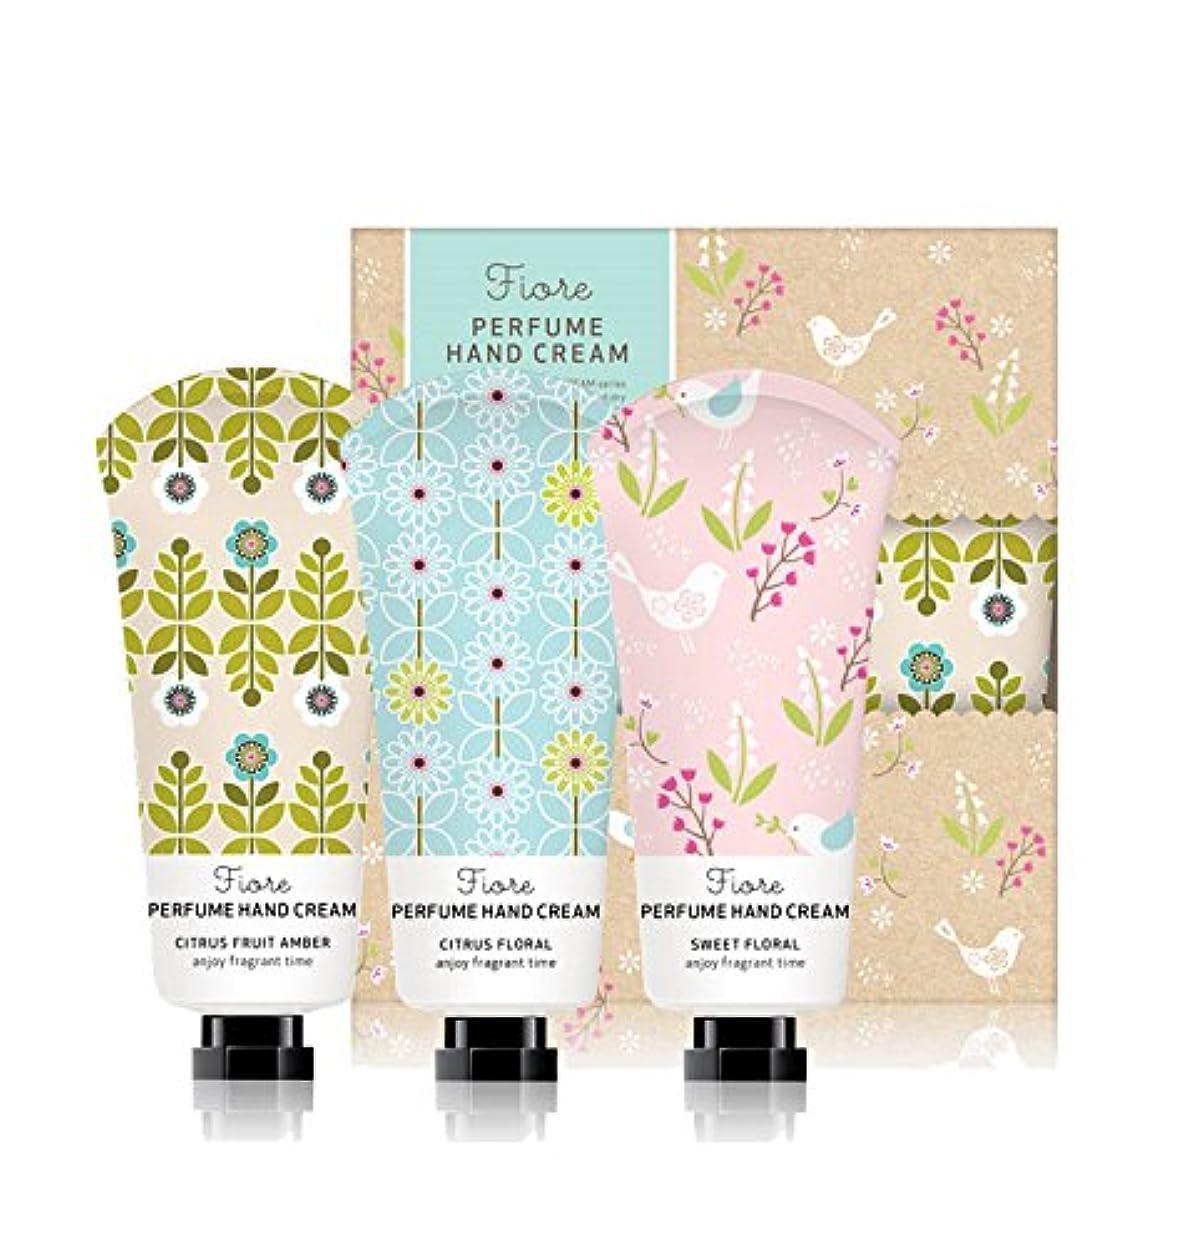 堂々たる道を作るその間[Fiore★ギフト用紙袋贈呈] パフュームハンドクリーム?スペシャルセット 60g x 3個セット / Perfume Hand Cream Specail Set